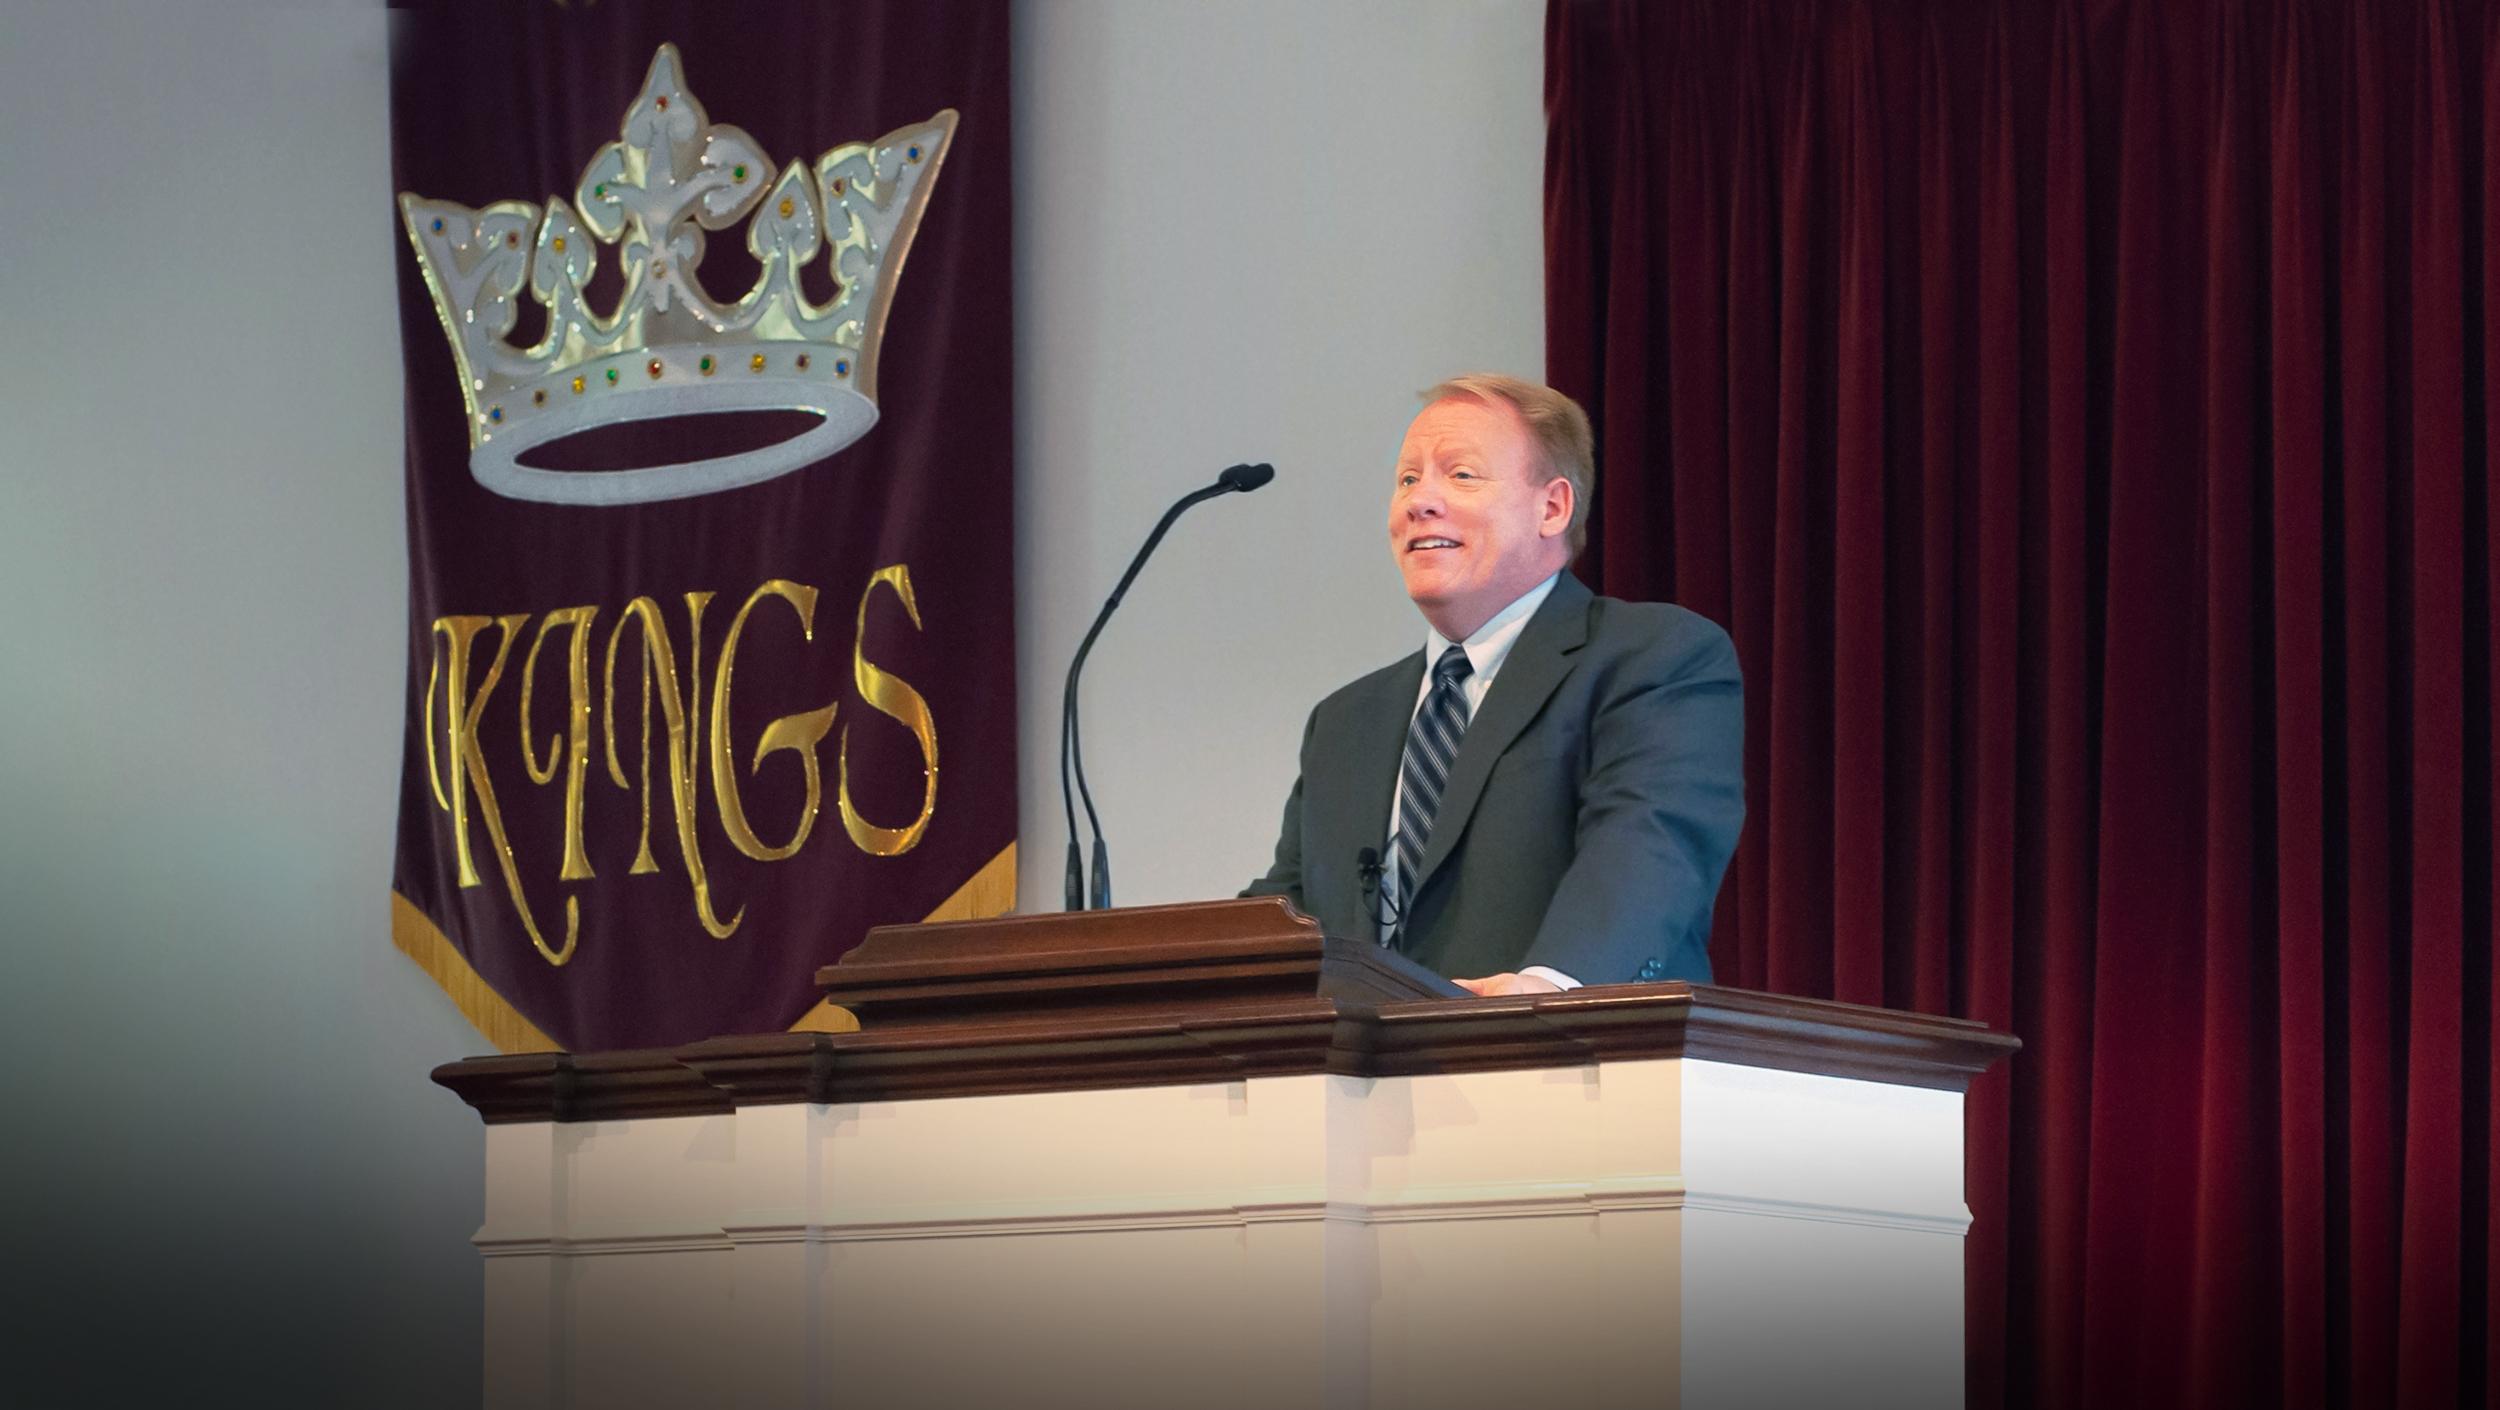 Preaches Christ